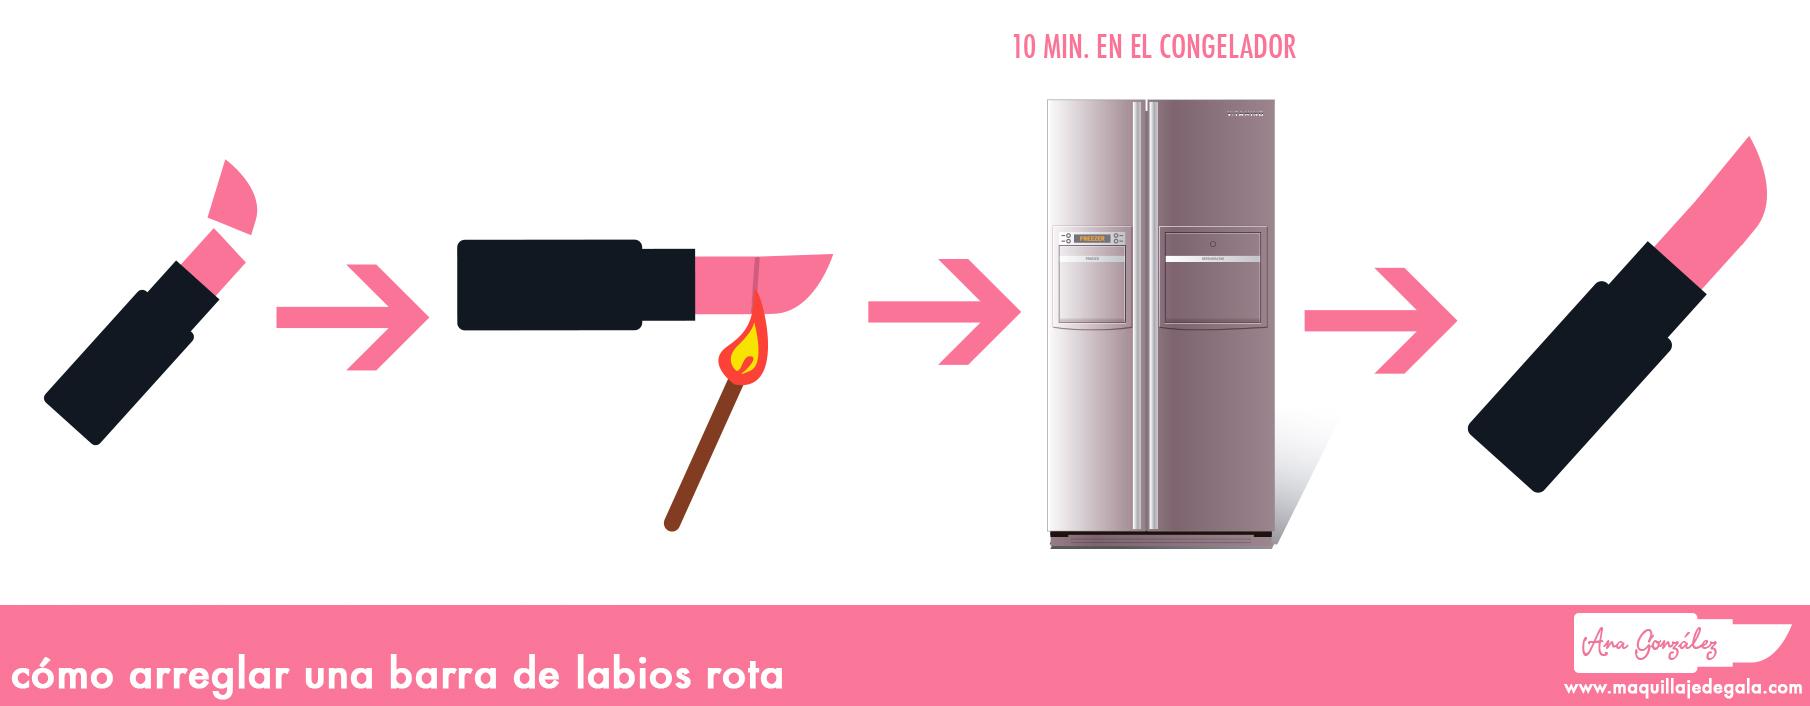 arreglar_barra_labios_rota